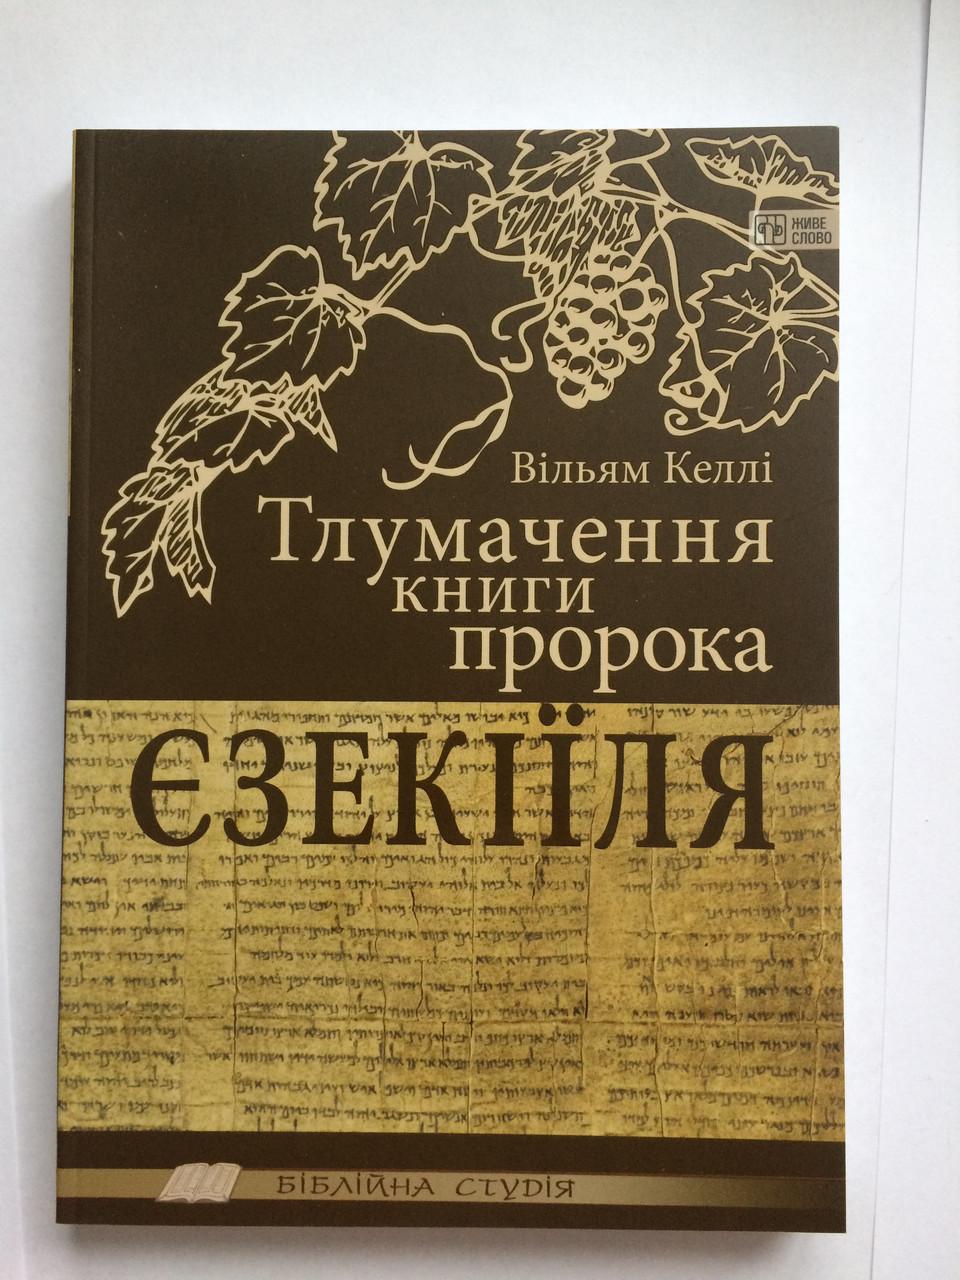 Тлумачення книги пророка Єзекіїля. Вільям Коллі